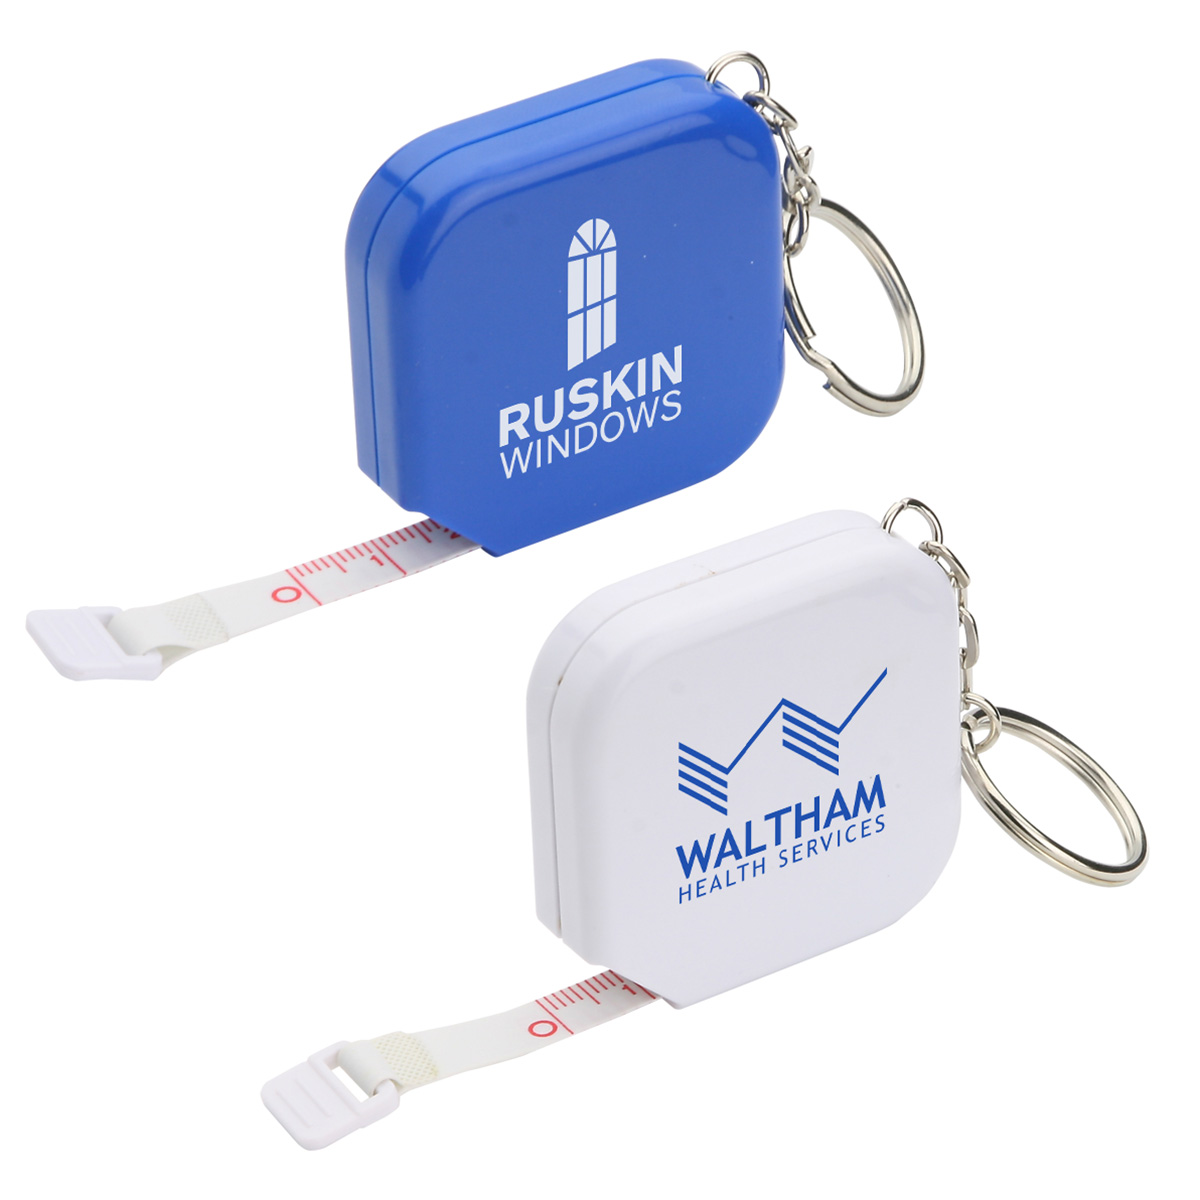 Square Tape Measure Keychain, WTT-ST11 - 1 Colour Imprint